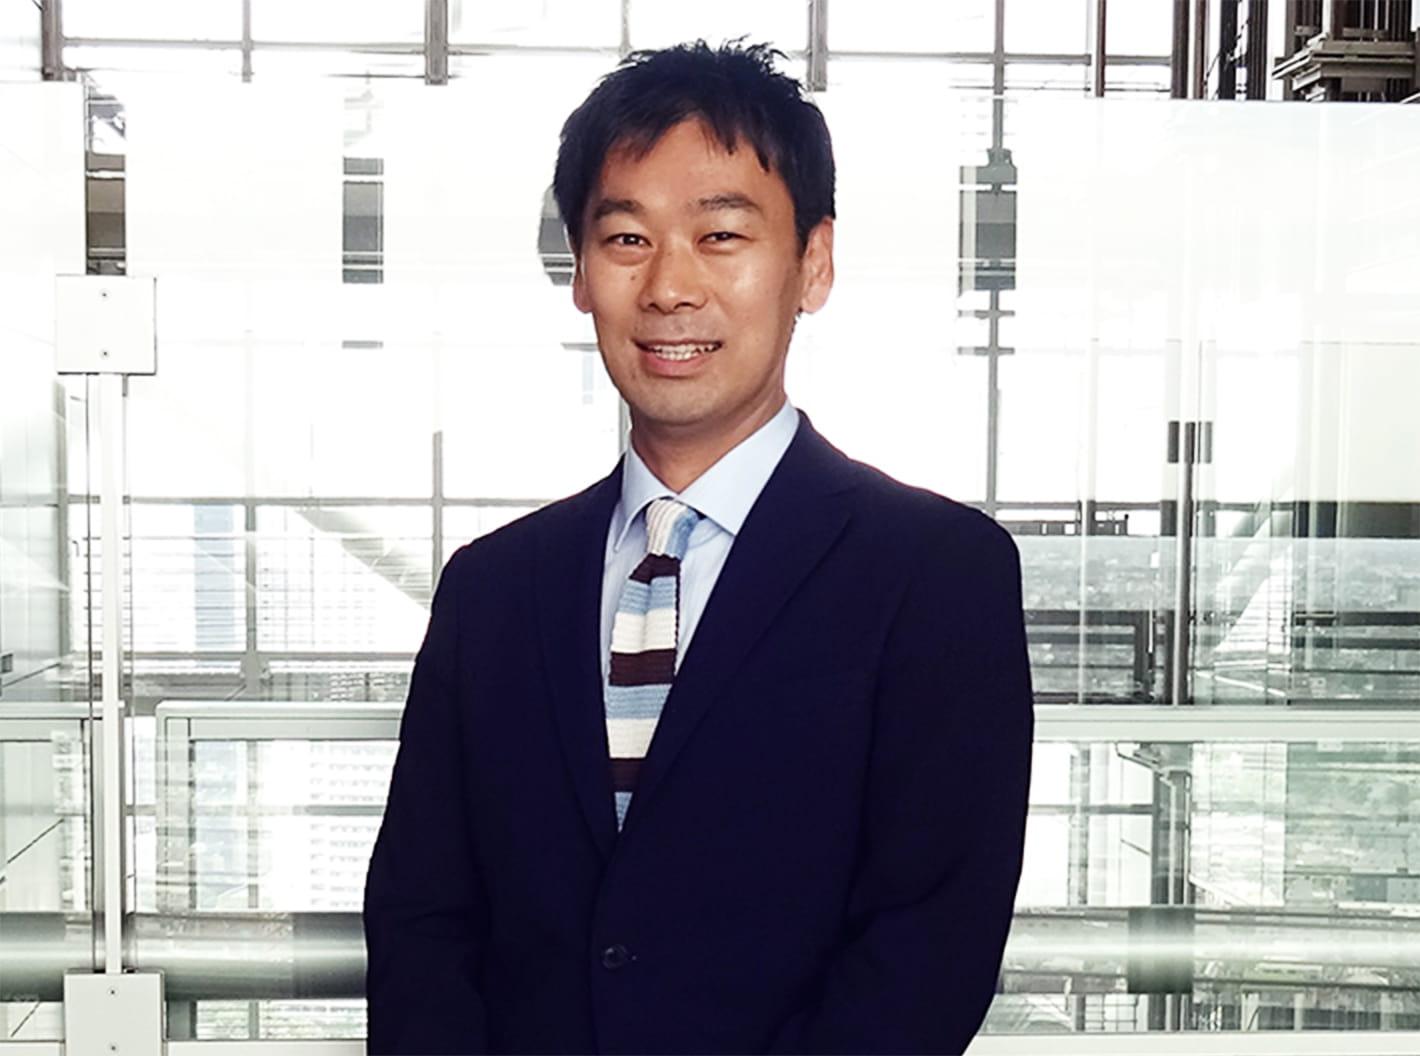 株式会社エヌエムシイ 会計事務所支援部 営業支援課 課長 佐藤 俊介